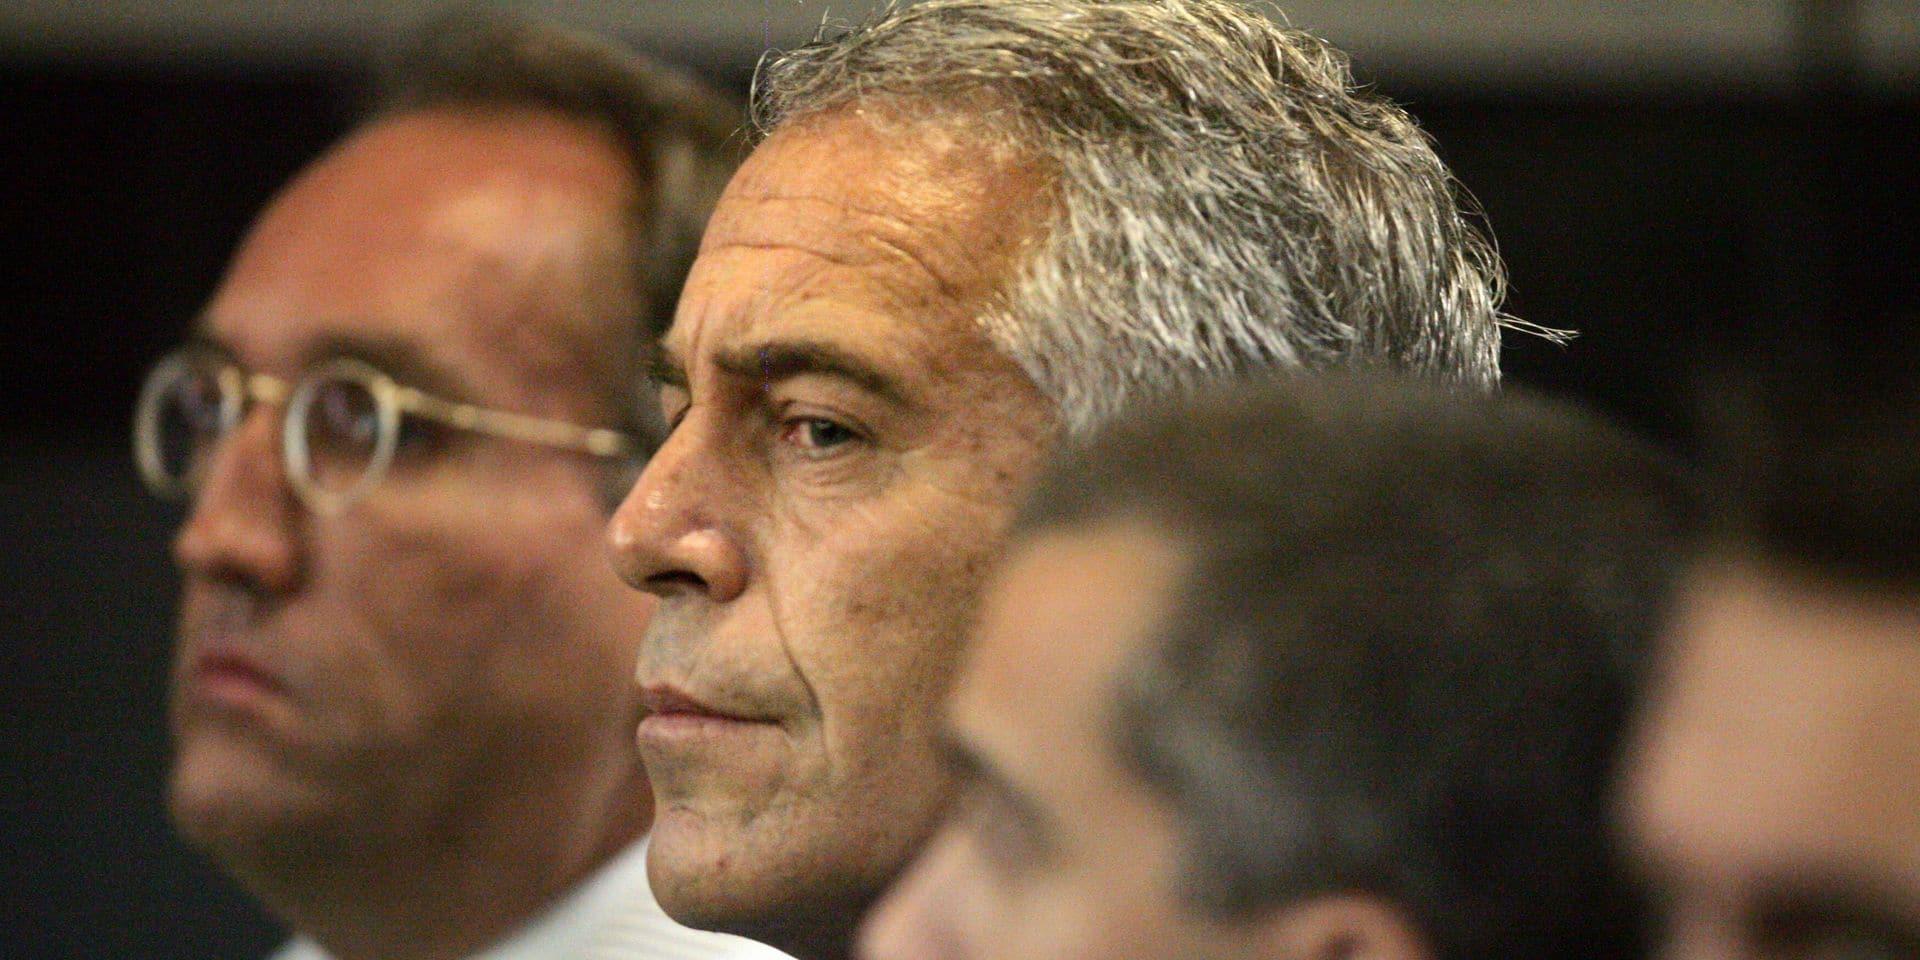 Affaire Epstein: une association dit avoir reçu dix témoignages d'actes survenus en France